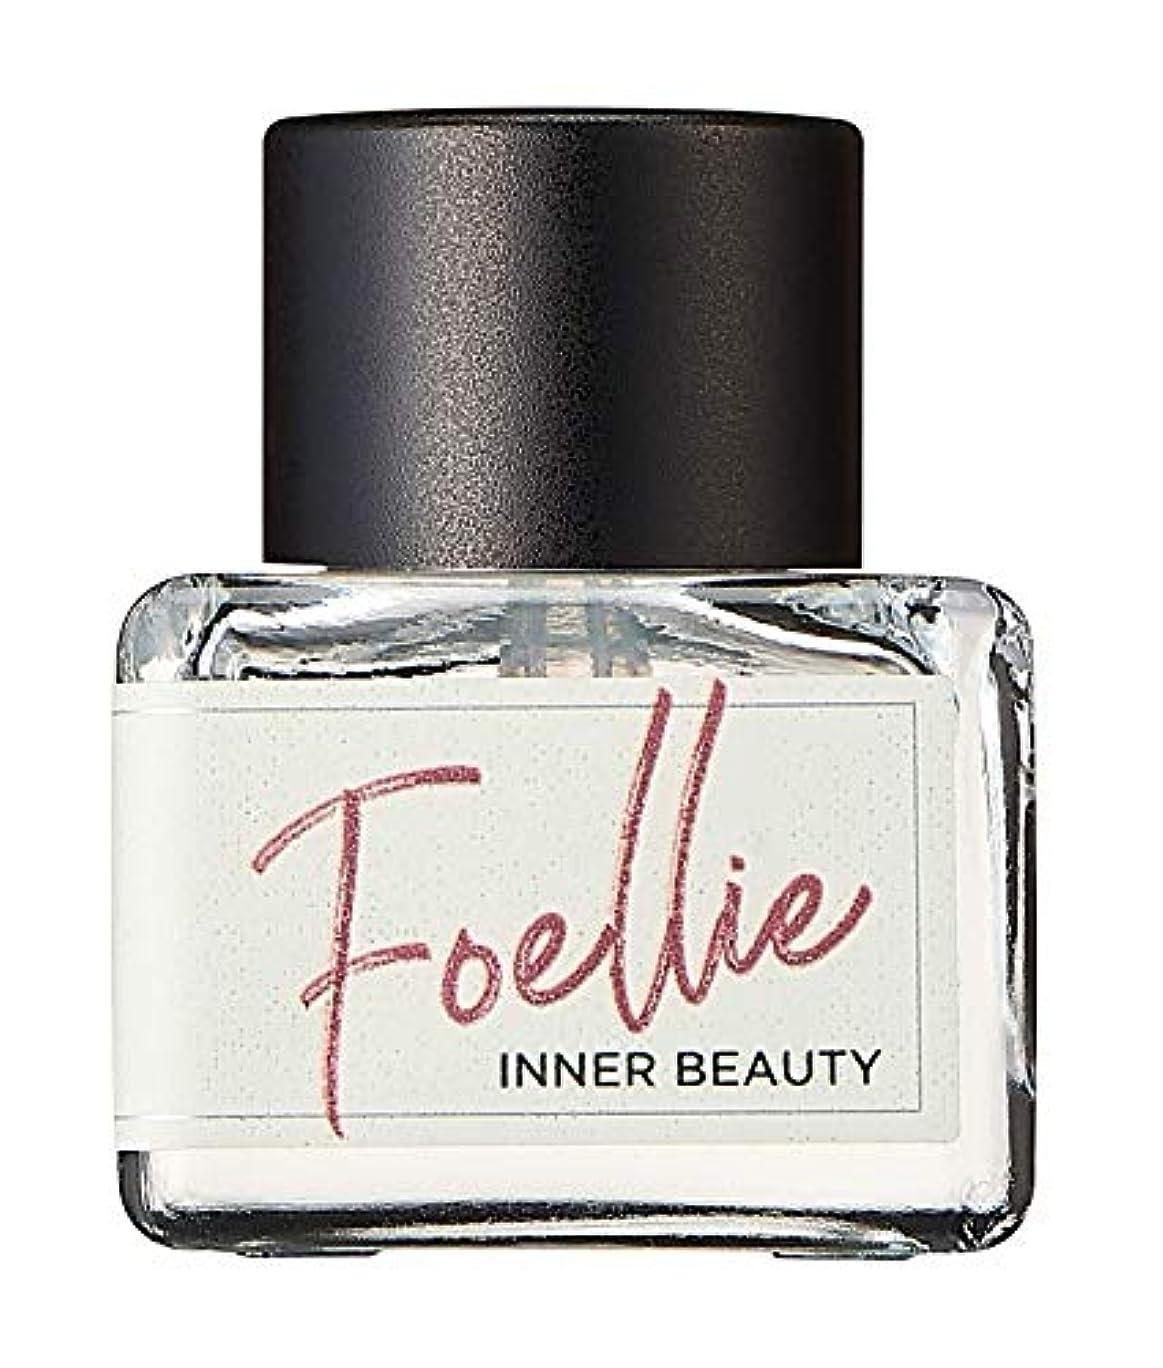 [フォエリー(FOELLIE)] eau de bonbon オードボンボン – フェミニン、インナービューティー香水(下着用)、甘い桃の魅力的な香りの香水, 5ml(0.169 fl oz)